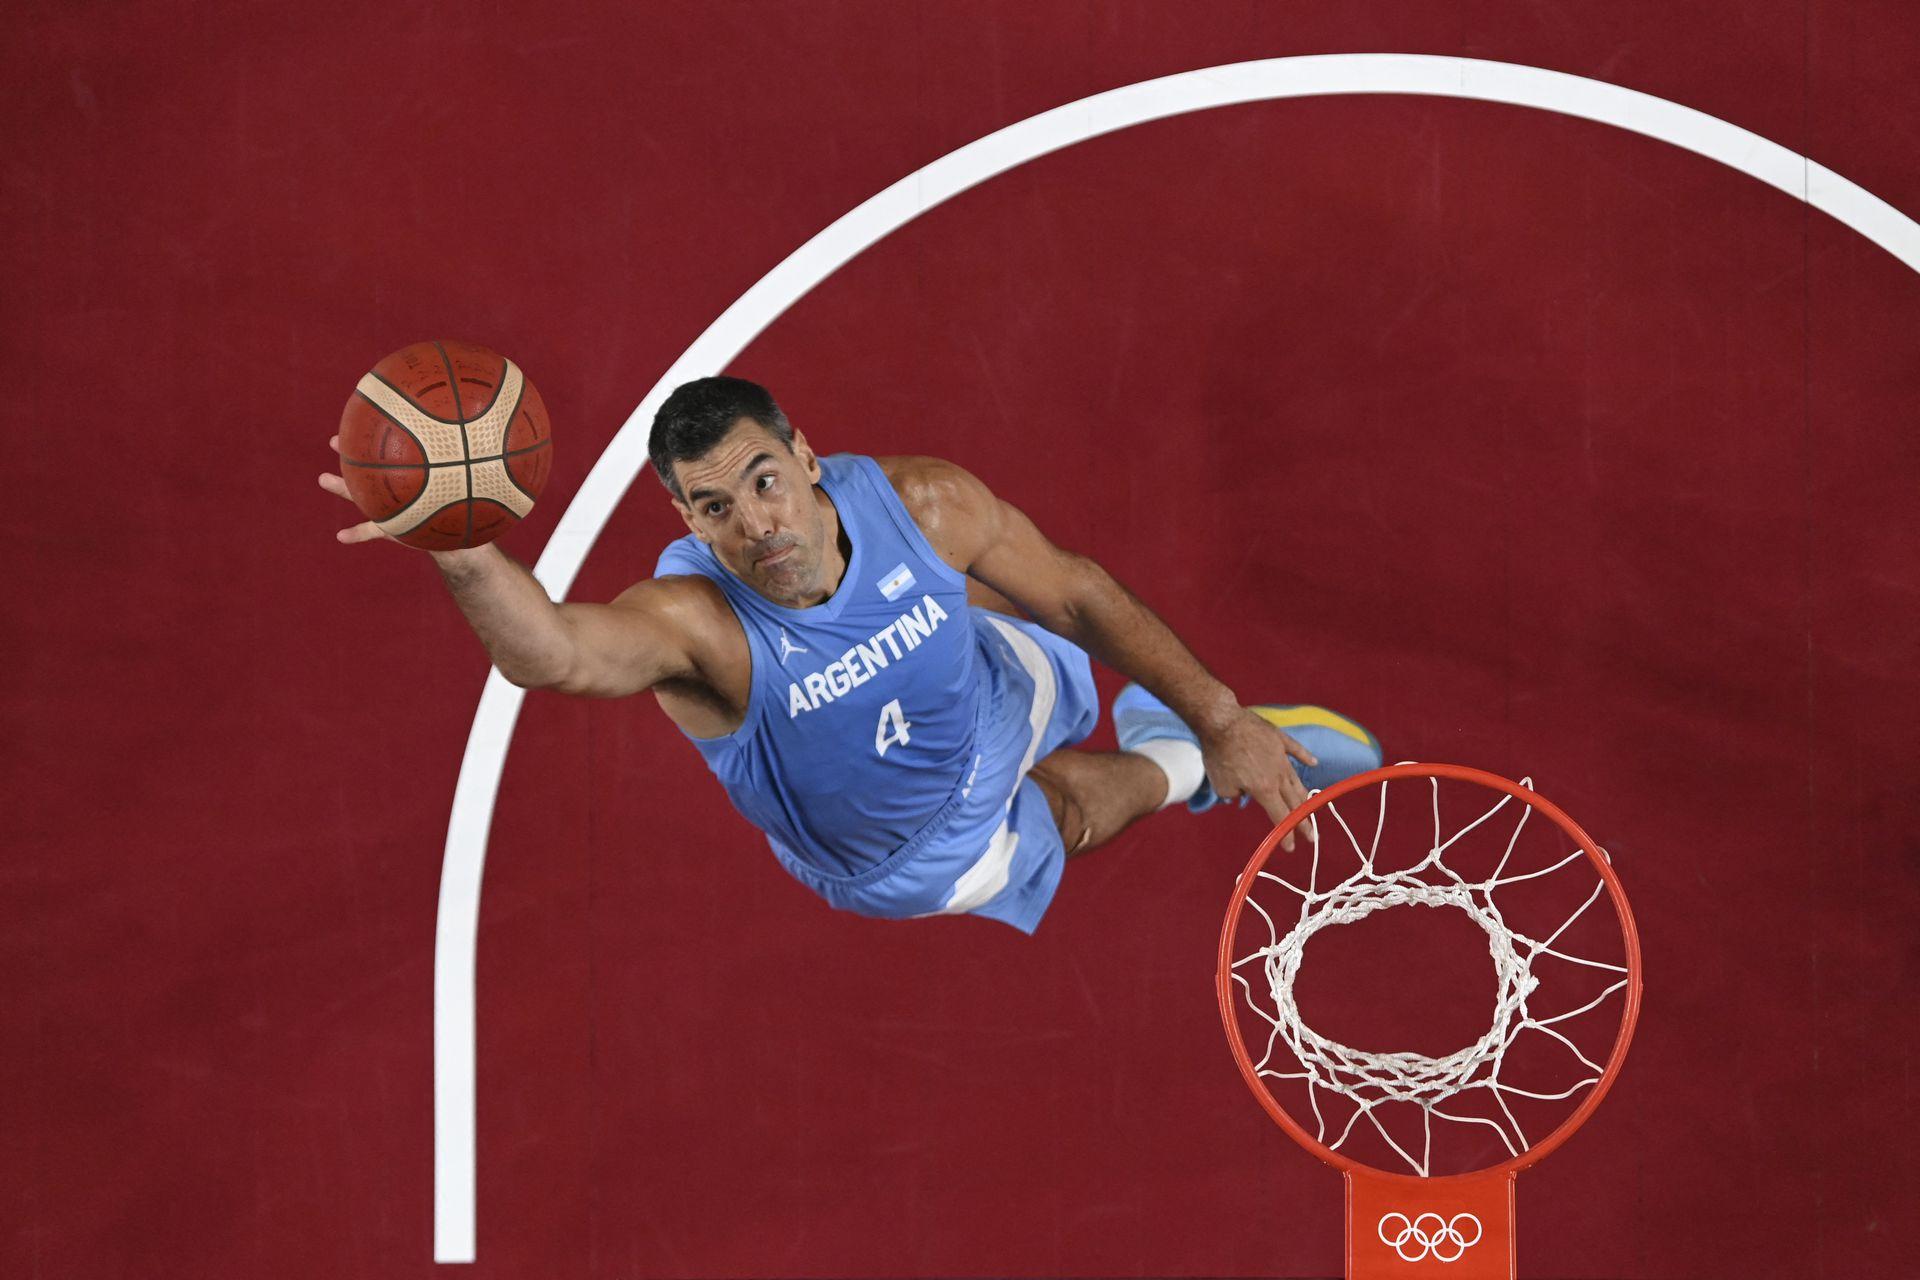 Luis Scola salta para recuperarse en el partido de cuartos de final de baloncesto masculino entre Australia y Argentina durante los Juegos Olímpicos de Tokio 2020 en el Saitama Super Arena en Saitama el 3 de agosto de 2021